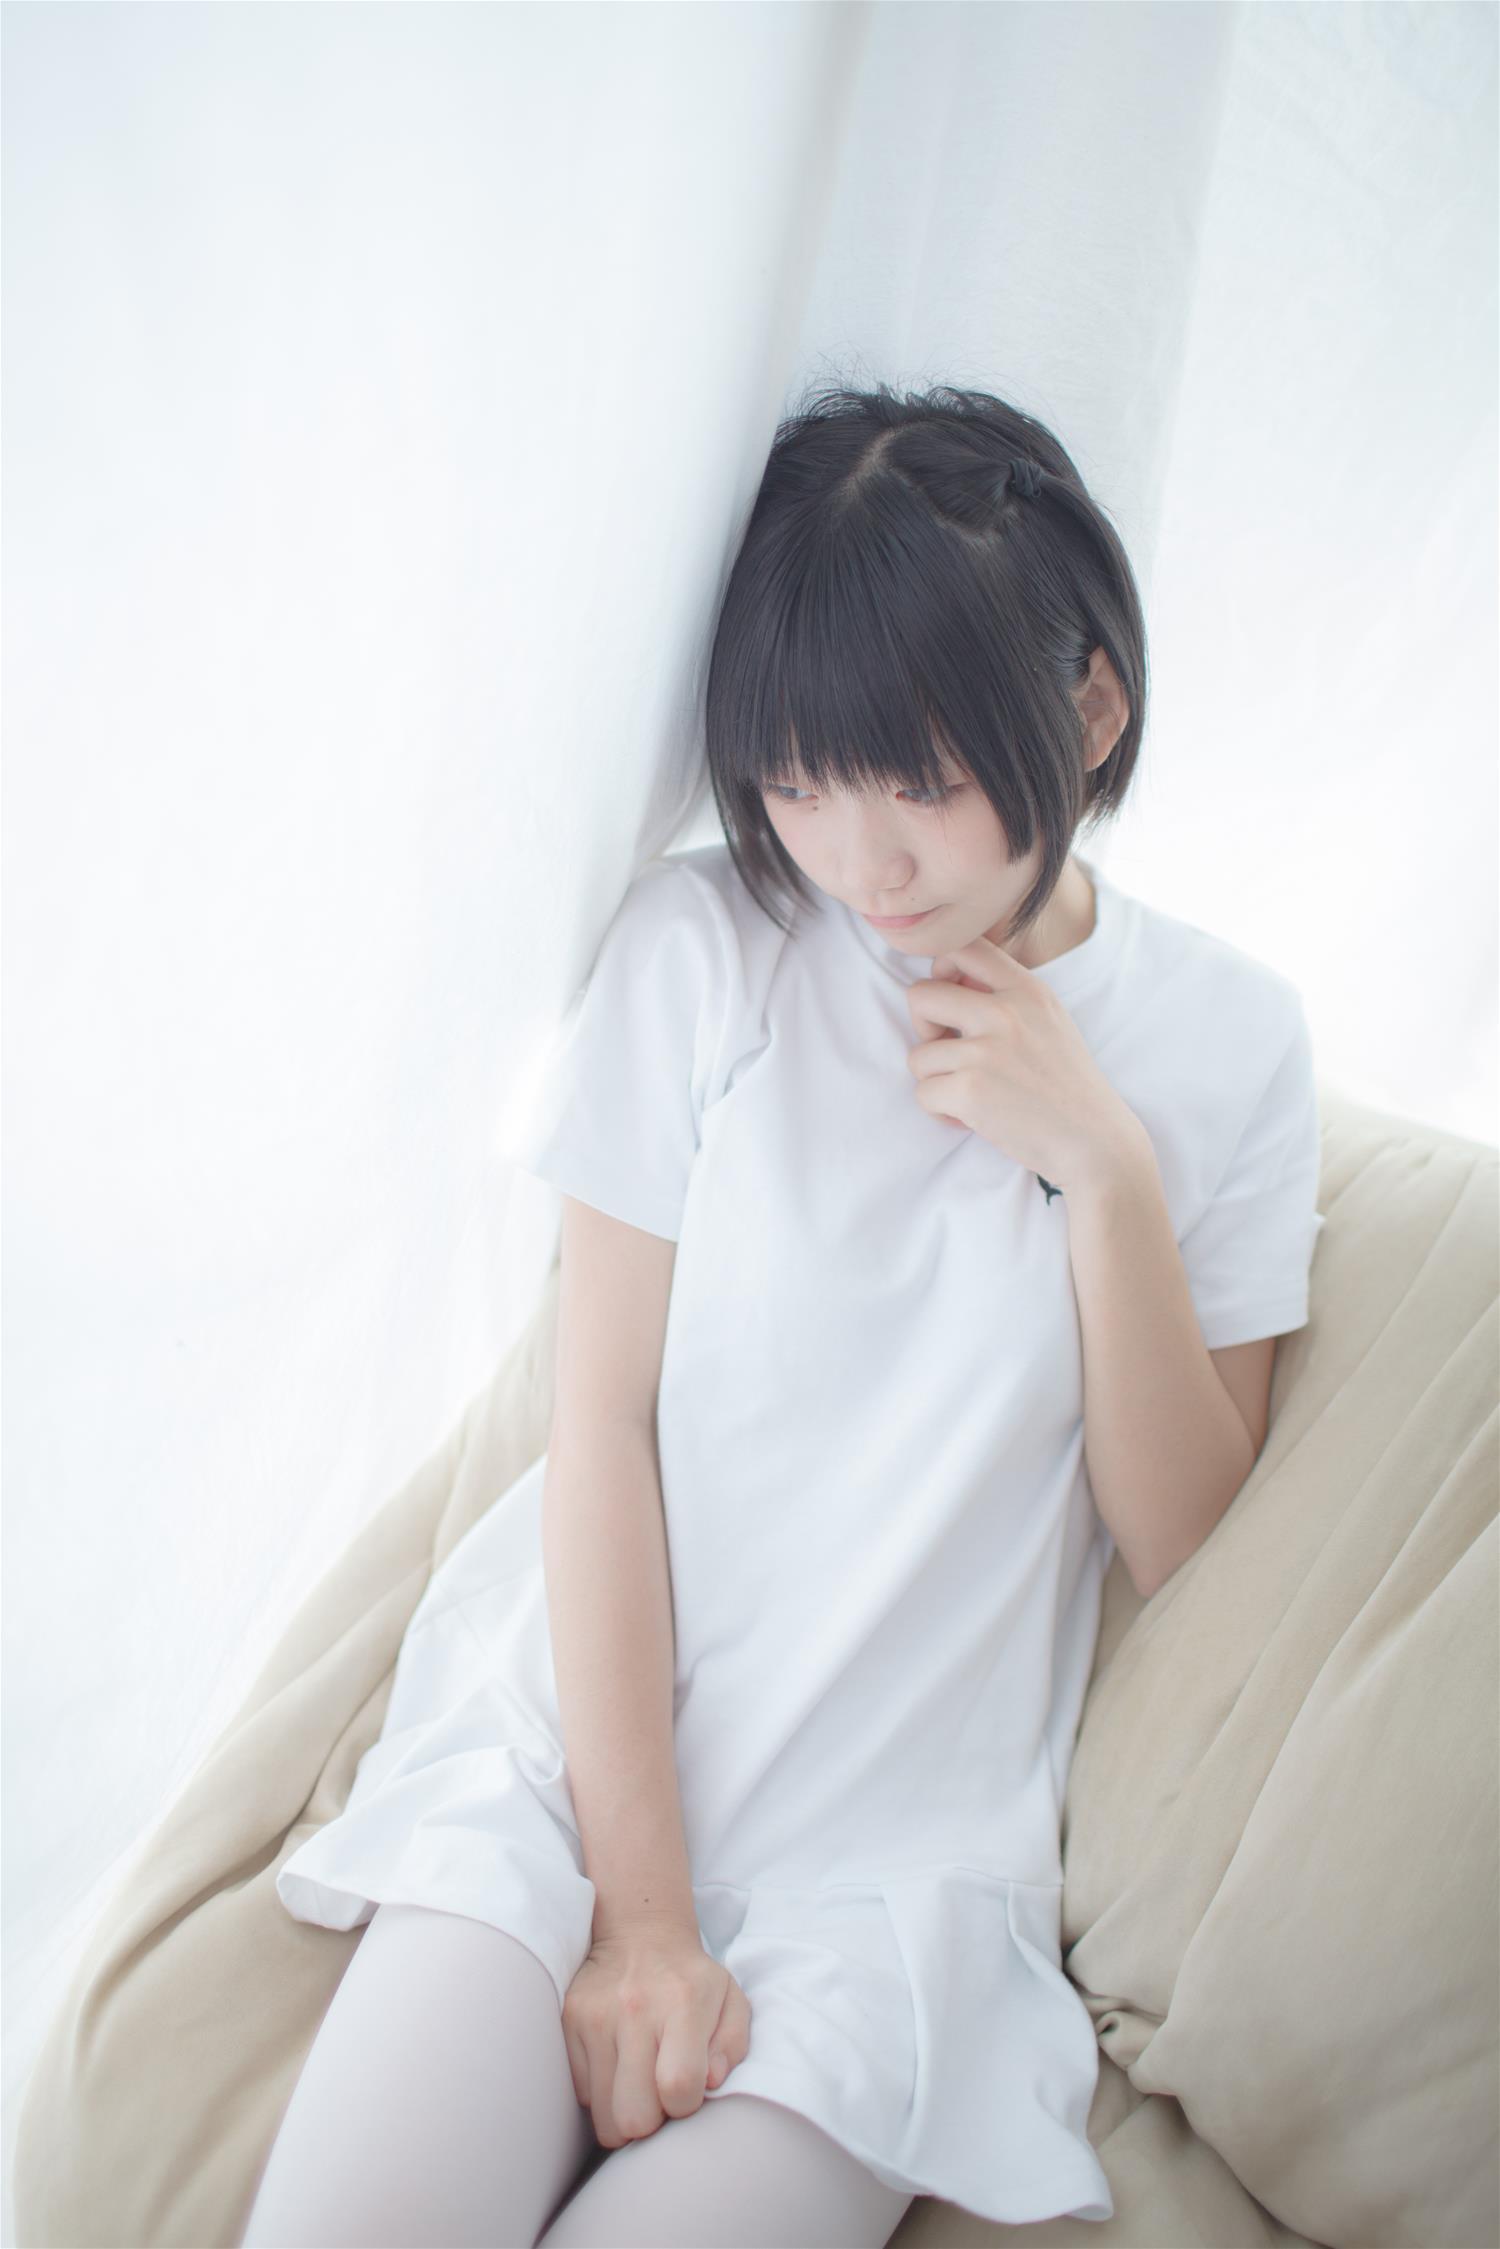 少女秩序 VOL.003 白丝萝莉 [40P-232MB] 少女秩序-第3张